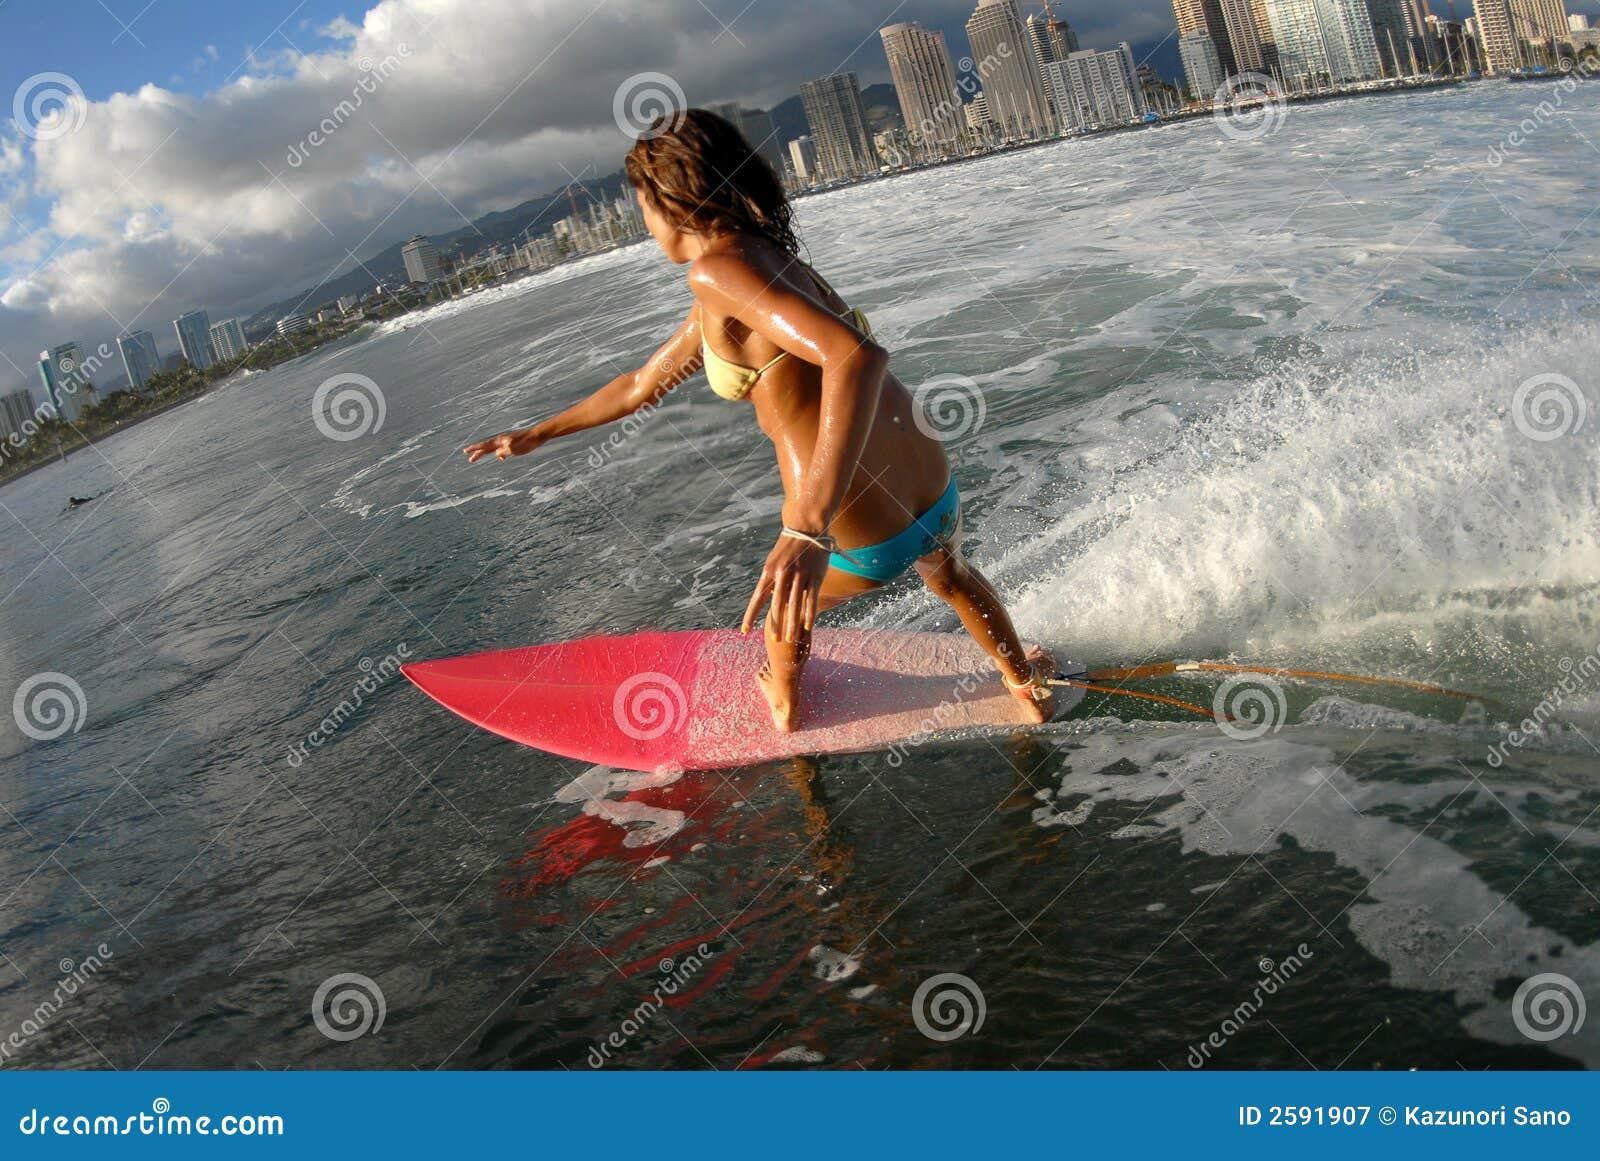 Bikini-Surfer-Mädchensurfen